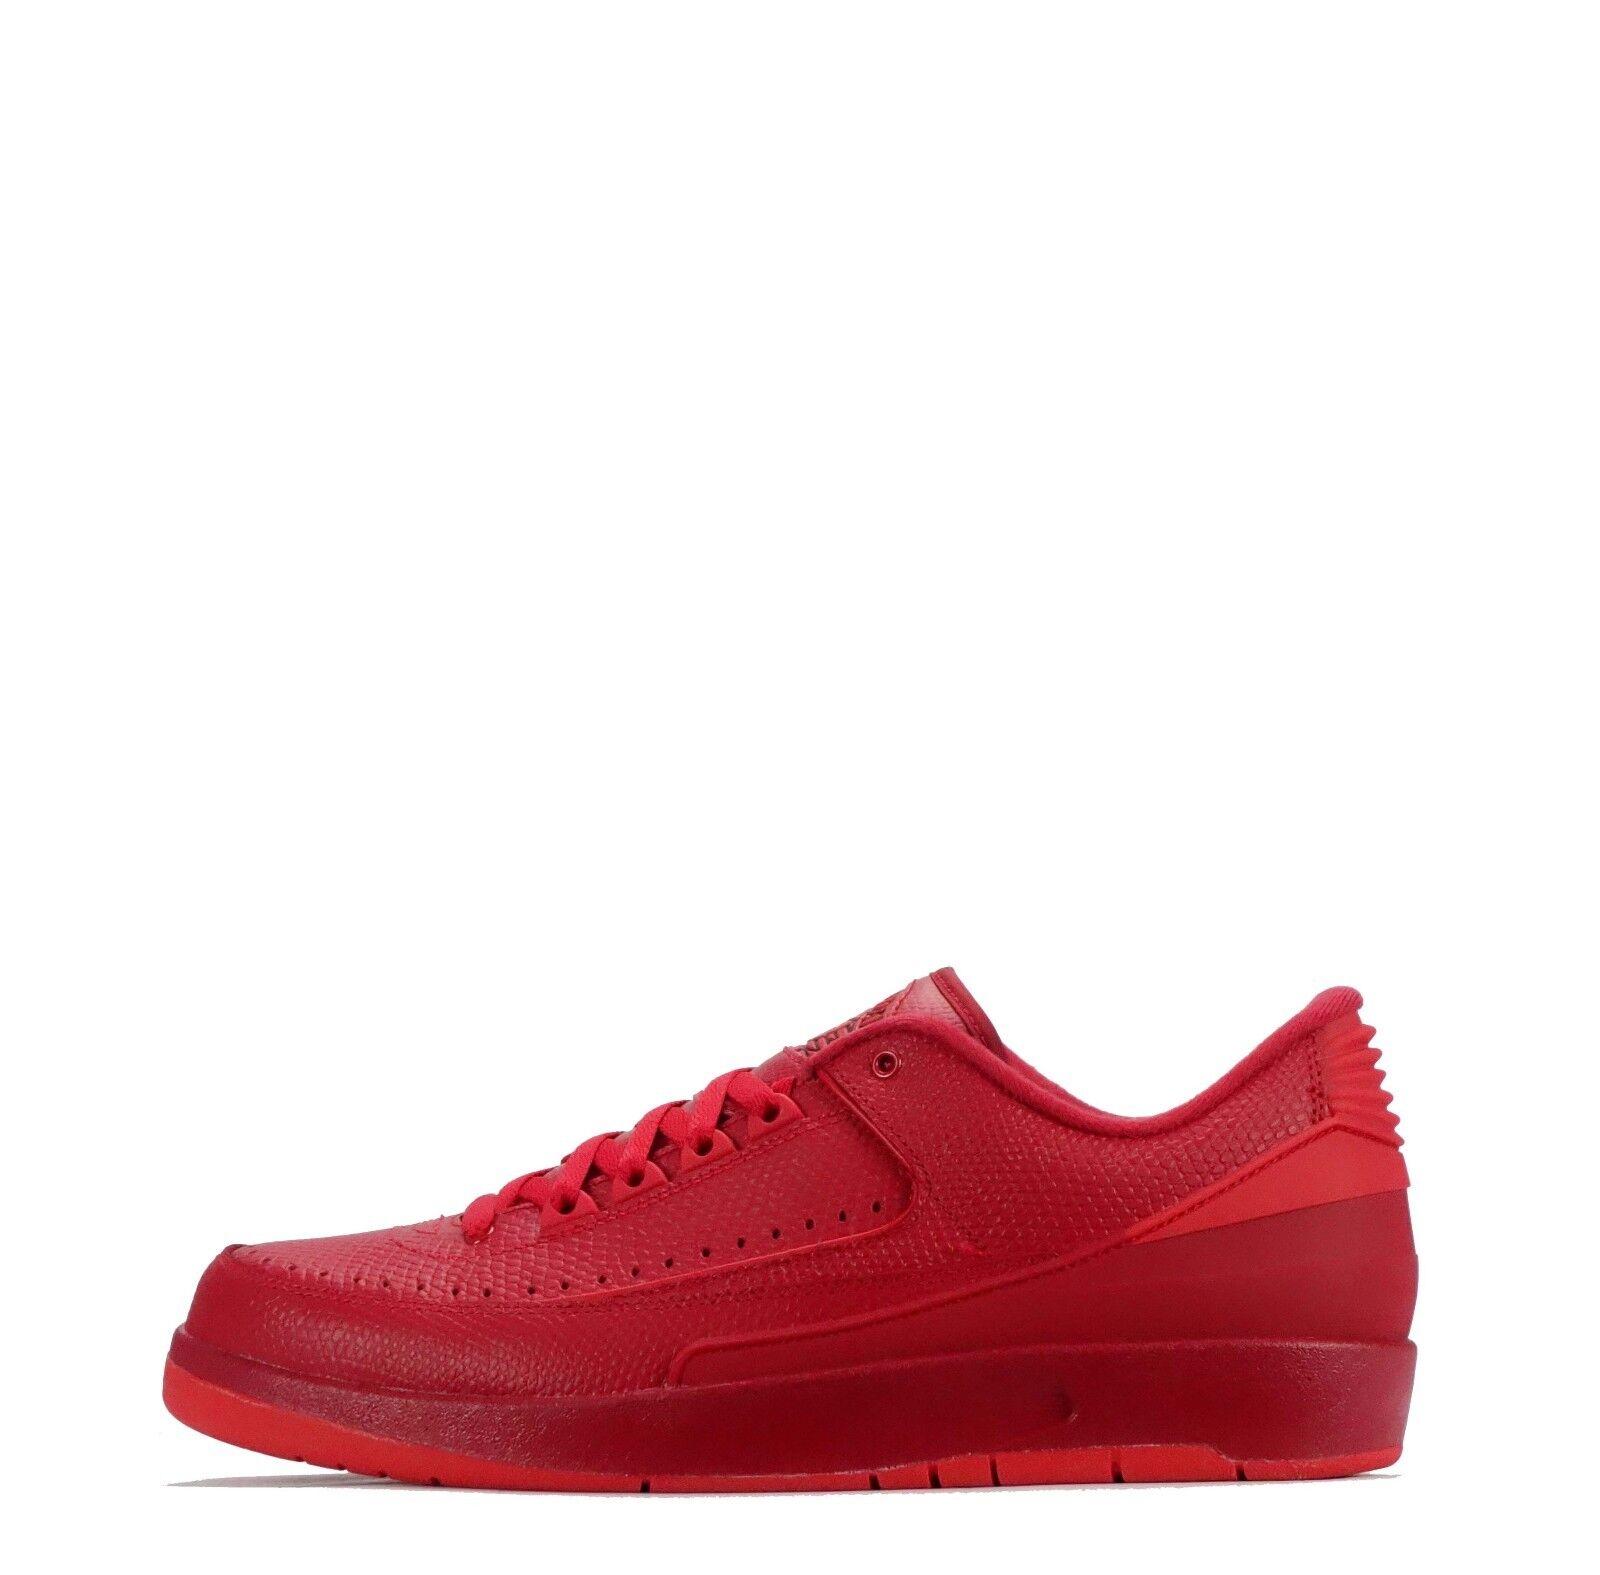 Air JORDAN 2 Retro Sneaker Basse Scarpe Da Ginnastica Uomo Rosso/Rosso Scarpe classiche da uomo